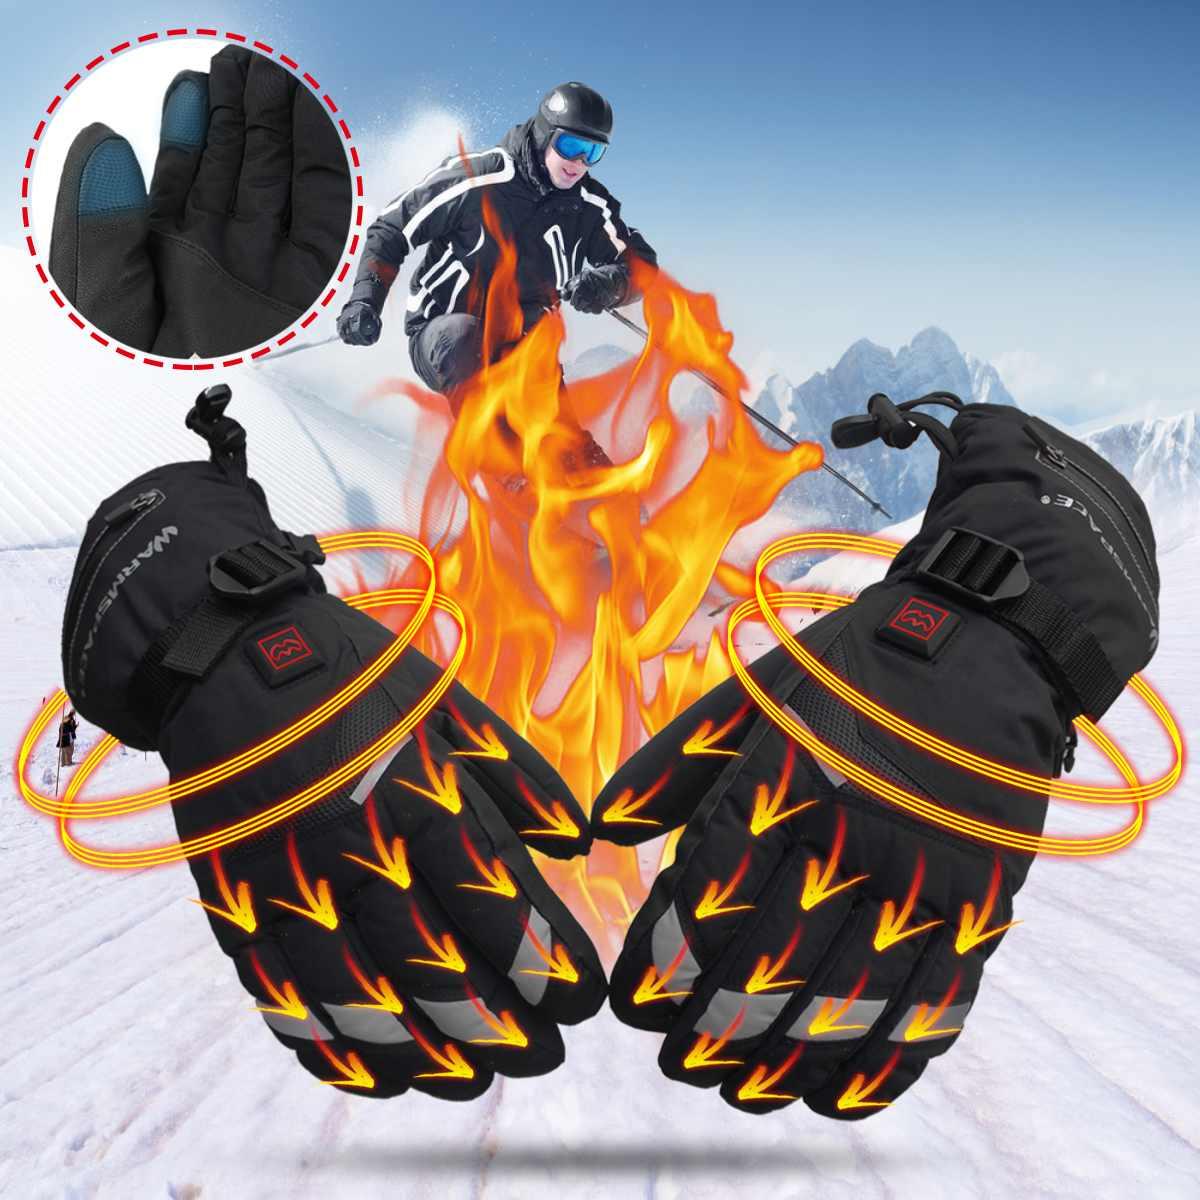 Batterie Elektrische Beheizte Handschuhe Motorrad Handschuhe TouchScreen Winter Warme Wasserdichte Schutz Handschuhe Guantes Moto Luvas